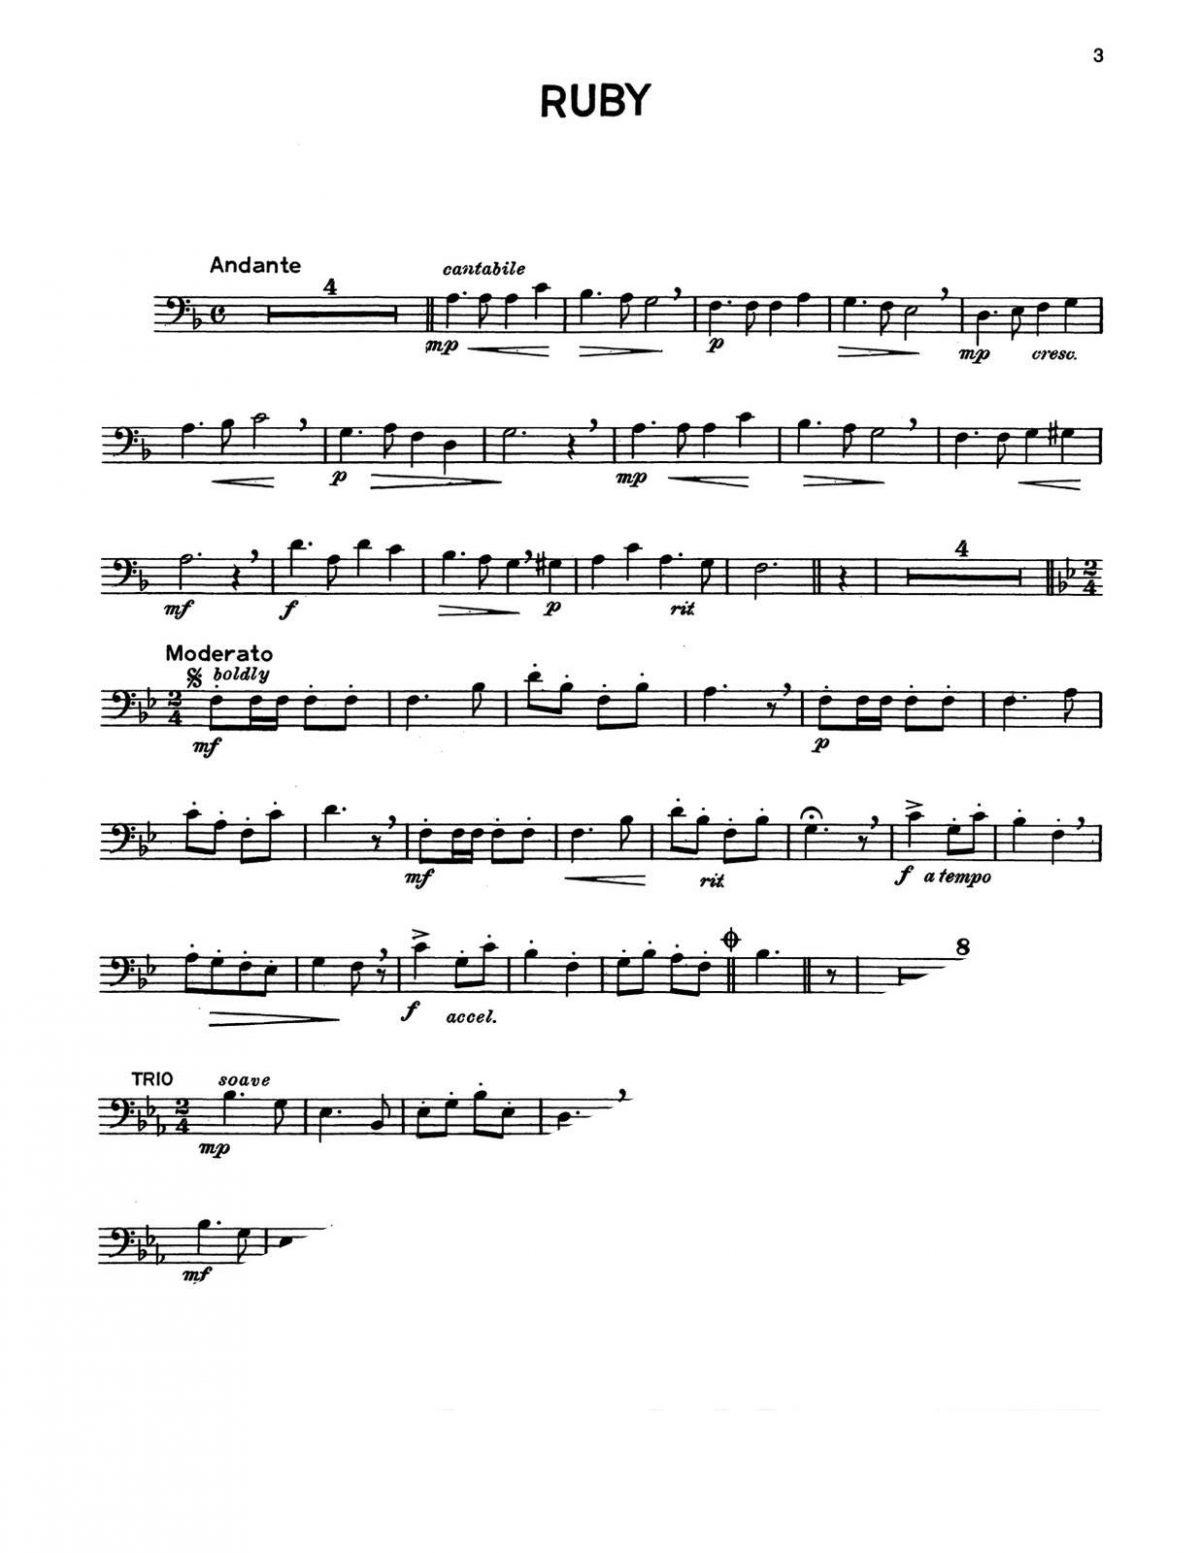 Vandercook, Trombone Gems-p47